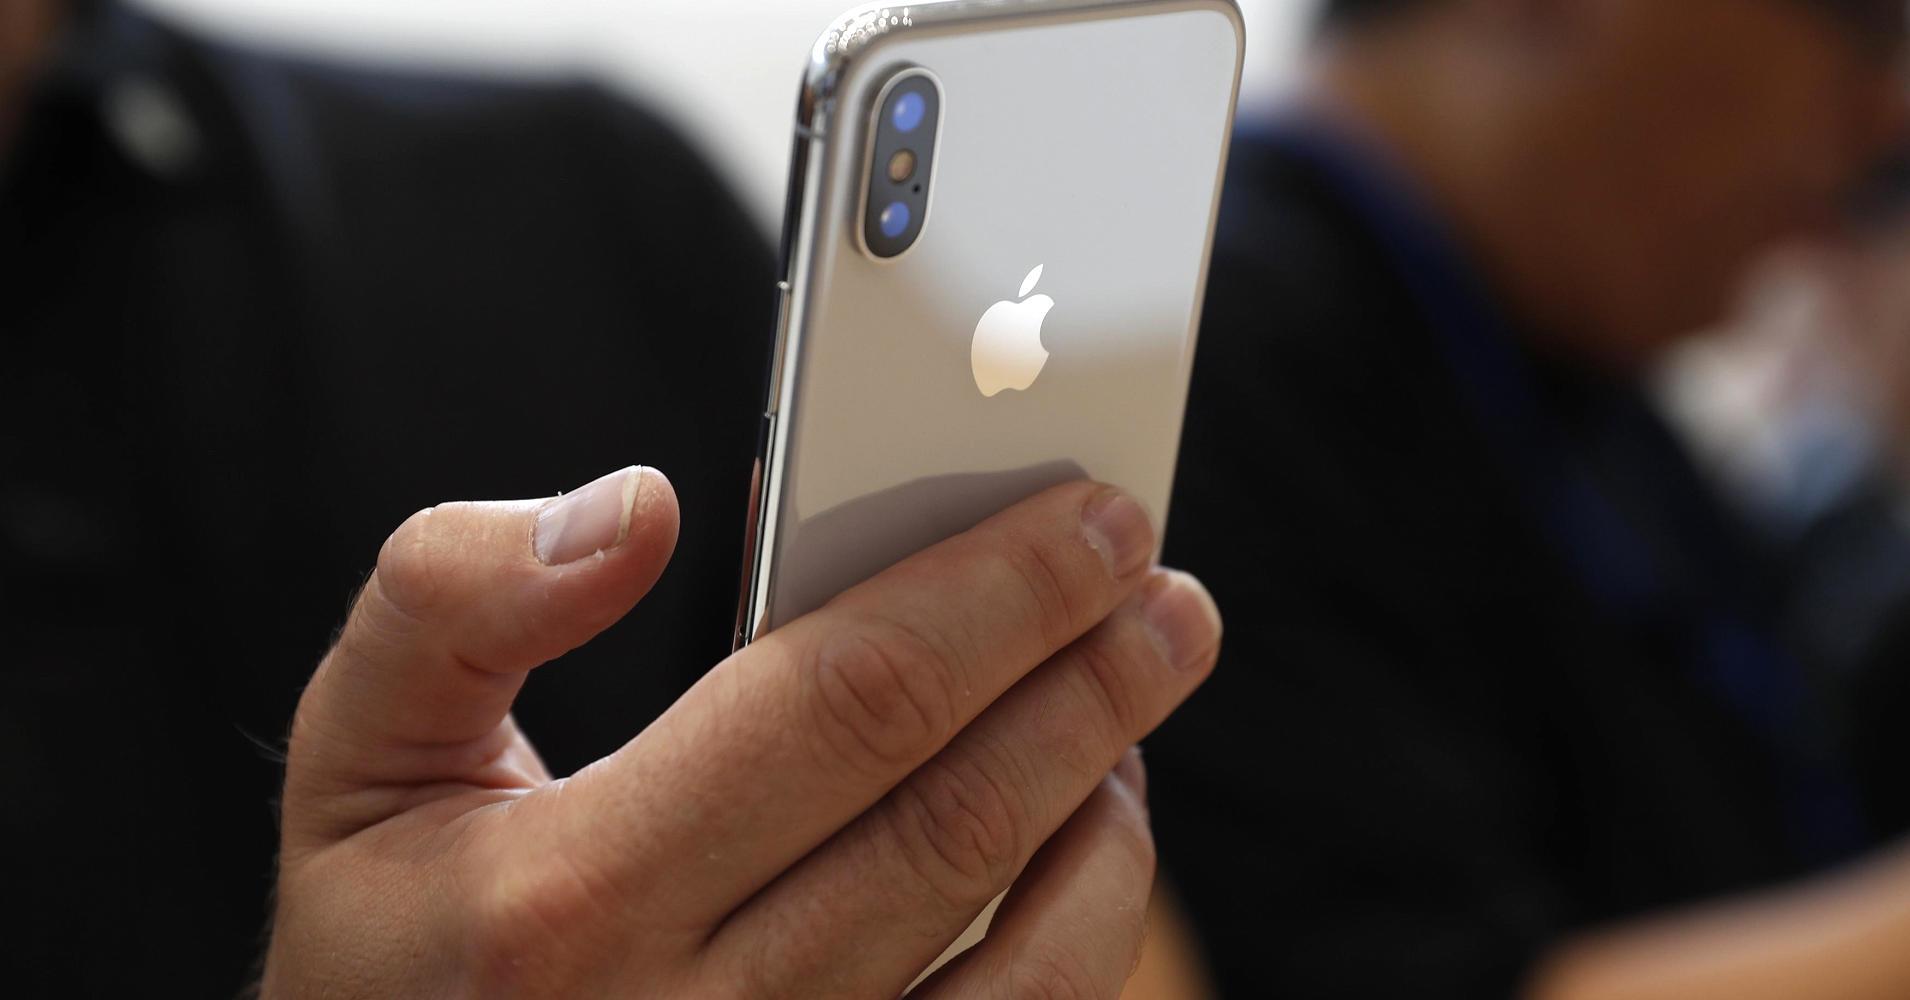 Riconoscimento facciale Apple: è davvero così infallibile?